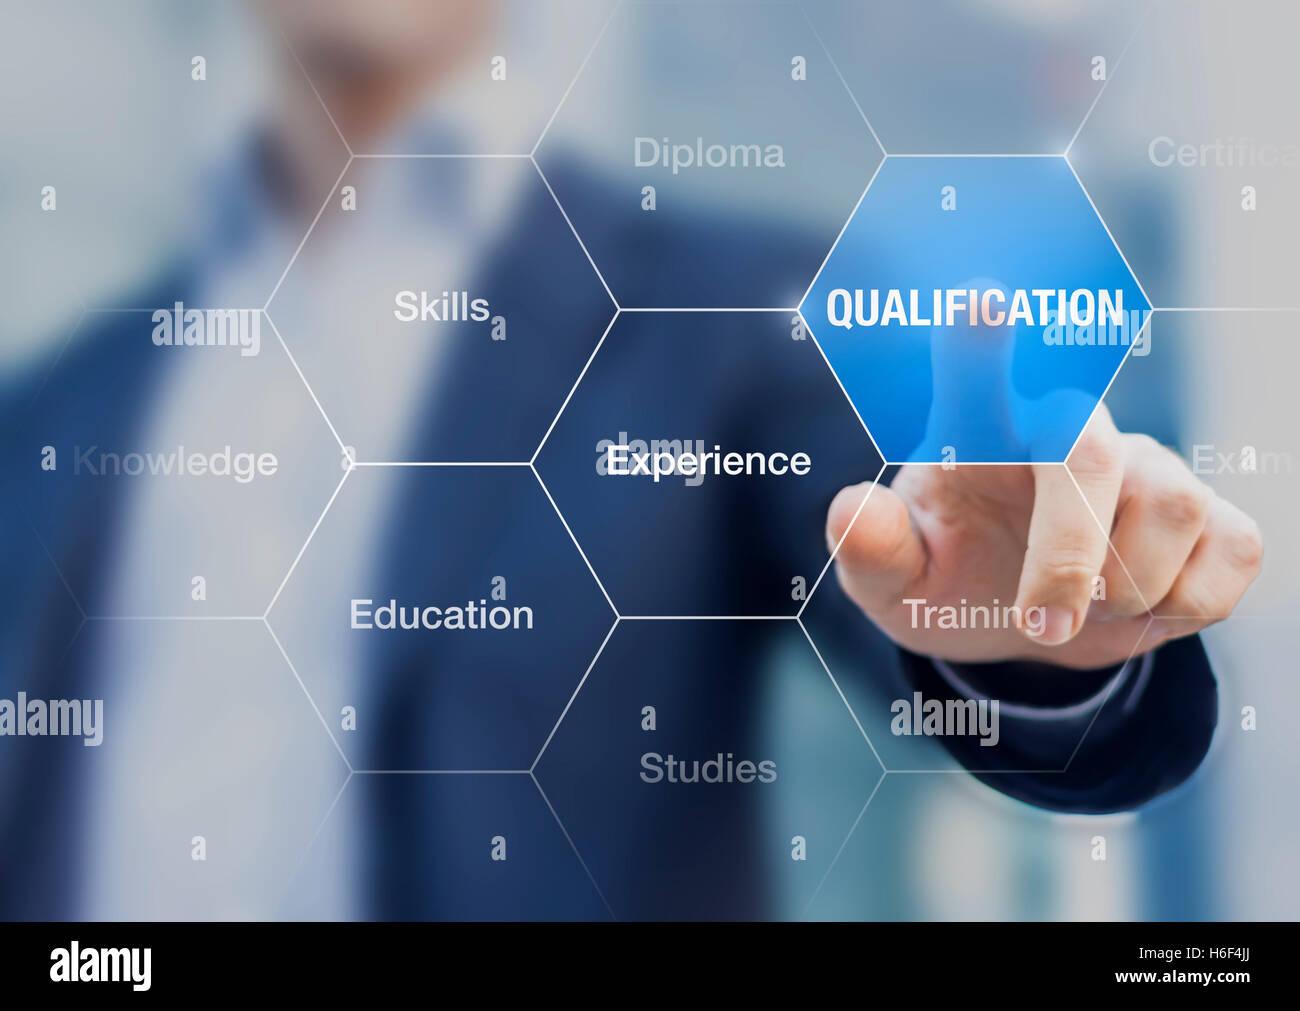 Persona tocando el botón con la palabra, el concepto de calificación sobre la certificación profesional Imagen De Stock